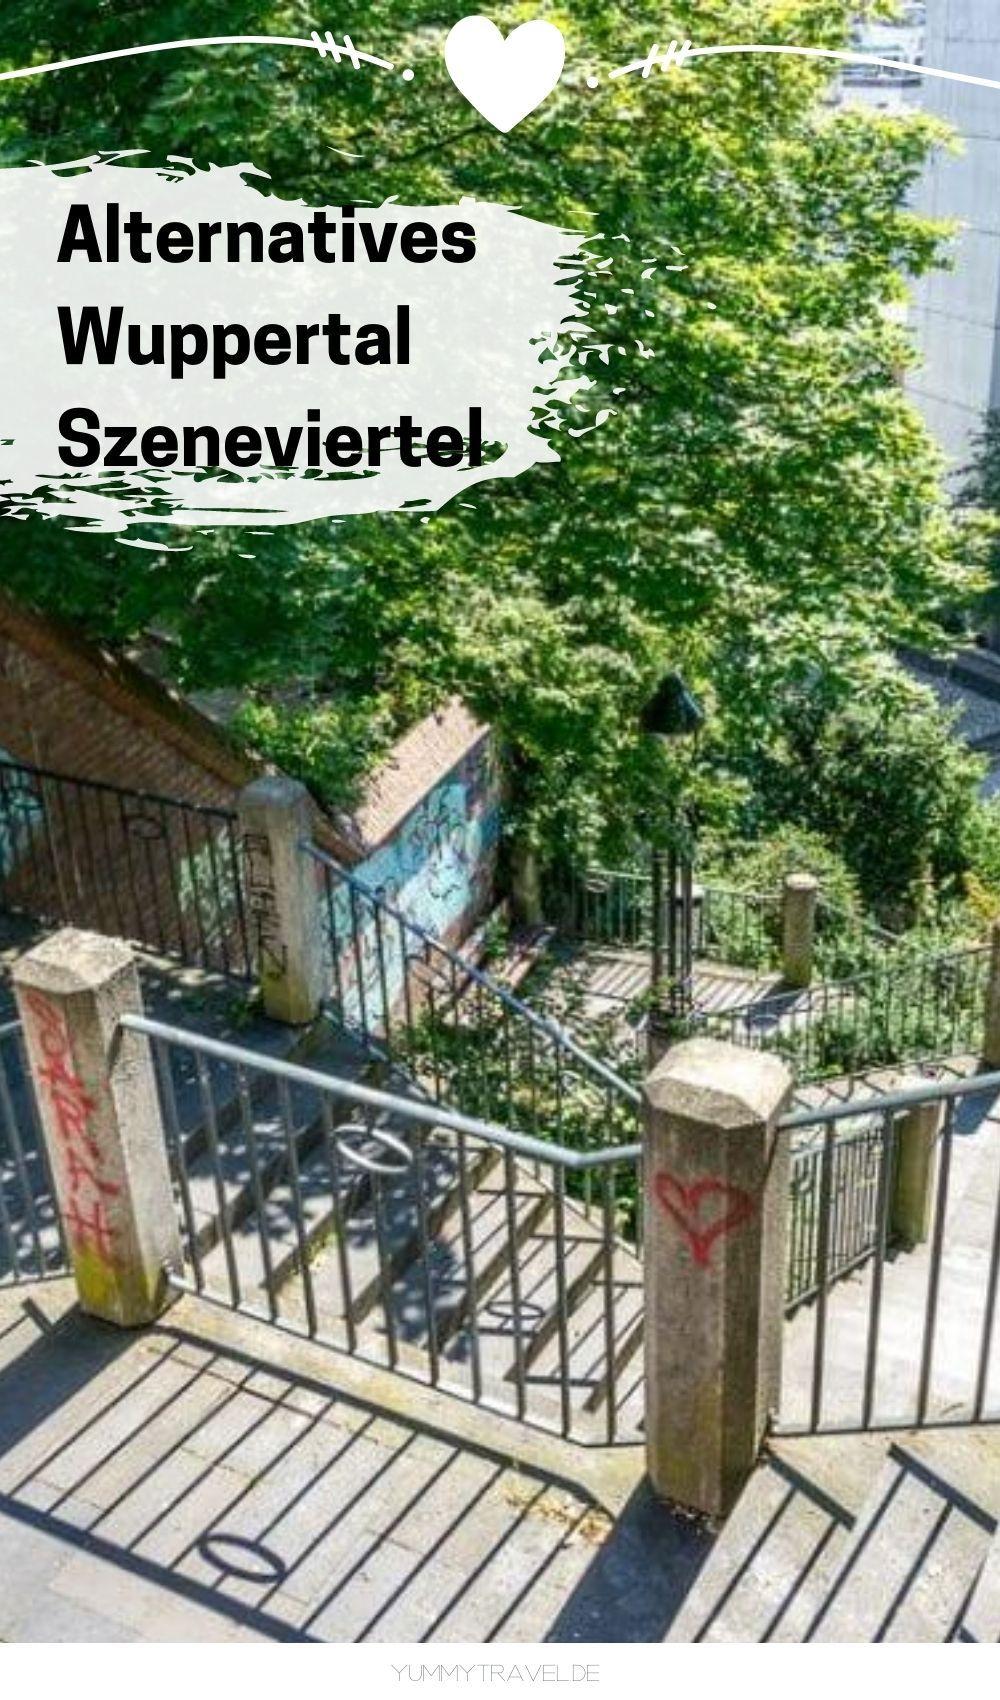 Alternatives Wuppertal Sehenswurdigkeiten Und Szeneviertel In Der Stadt In 2020 Reisen Reisebilder Abenteuerreisen